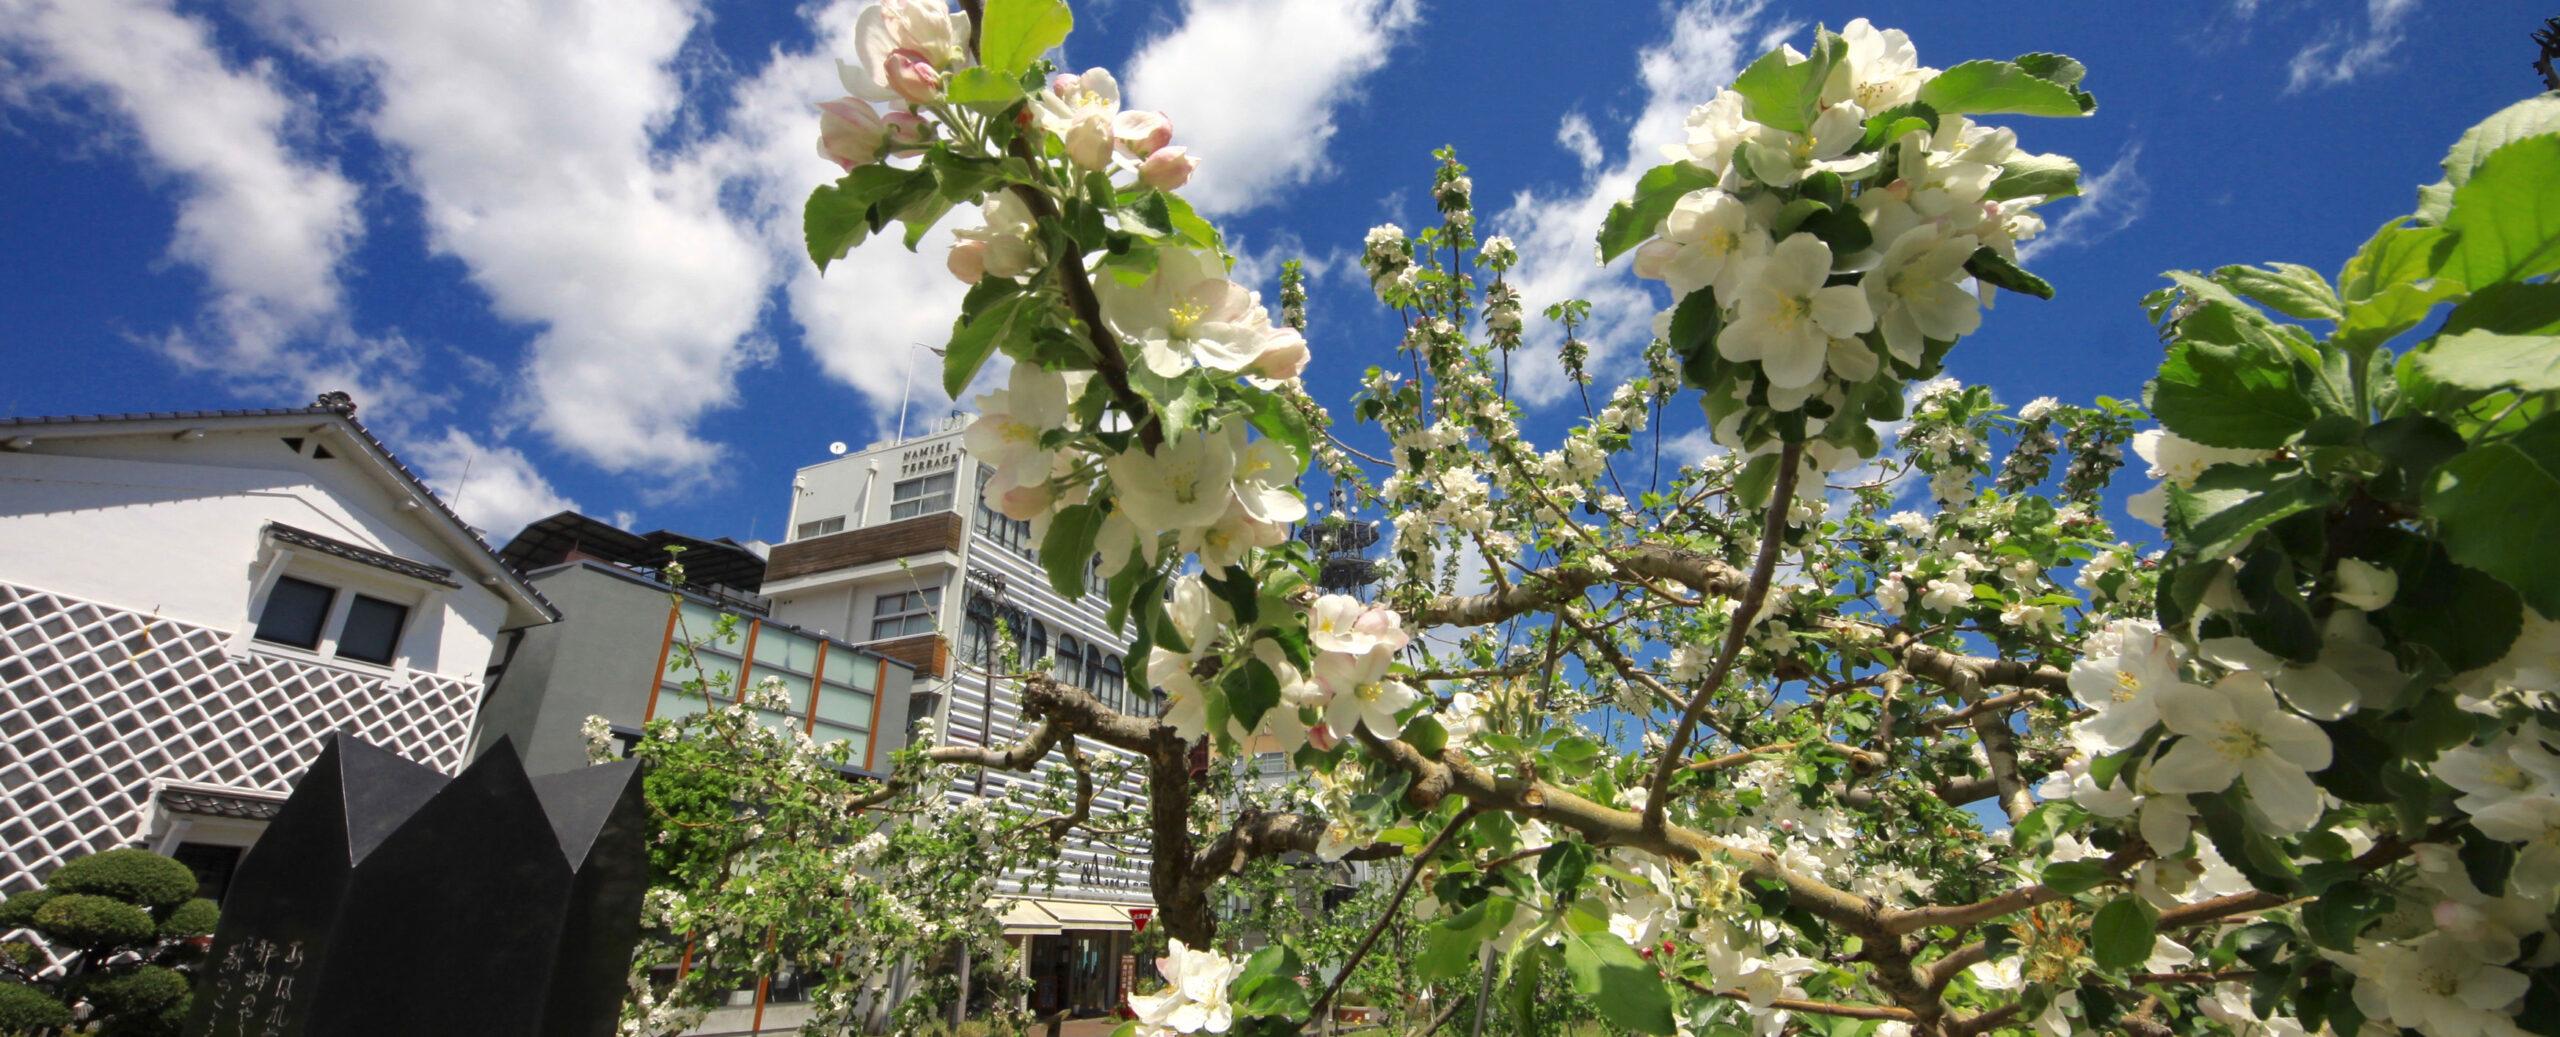 飯田りんご並木_トップ画像3